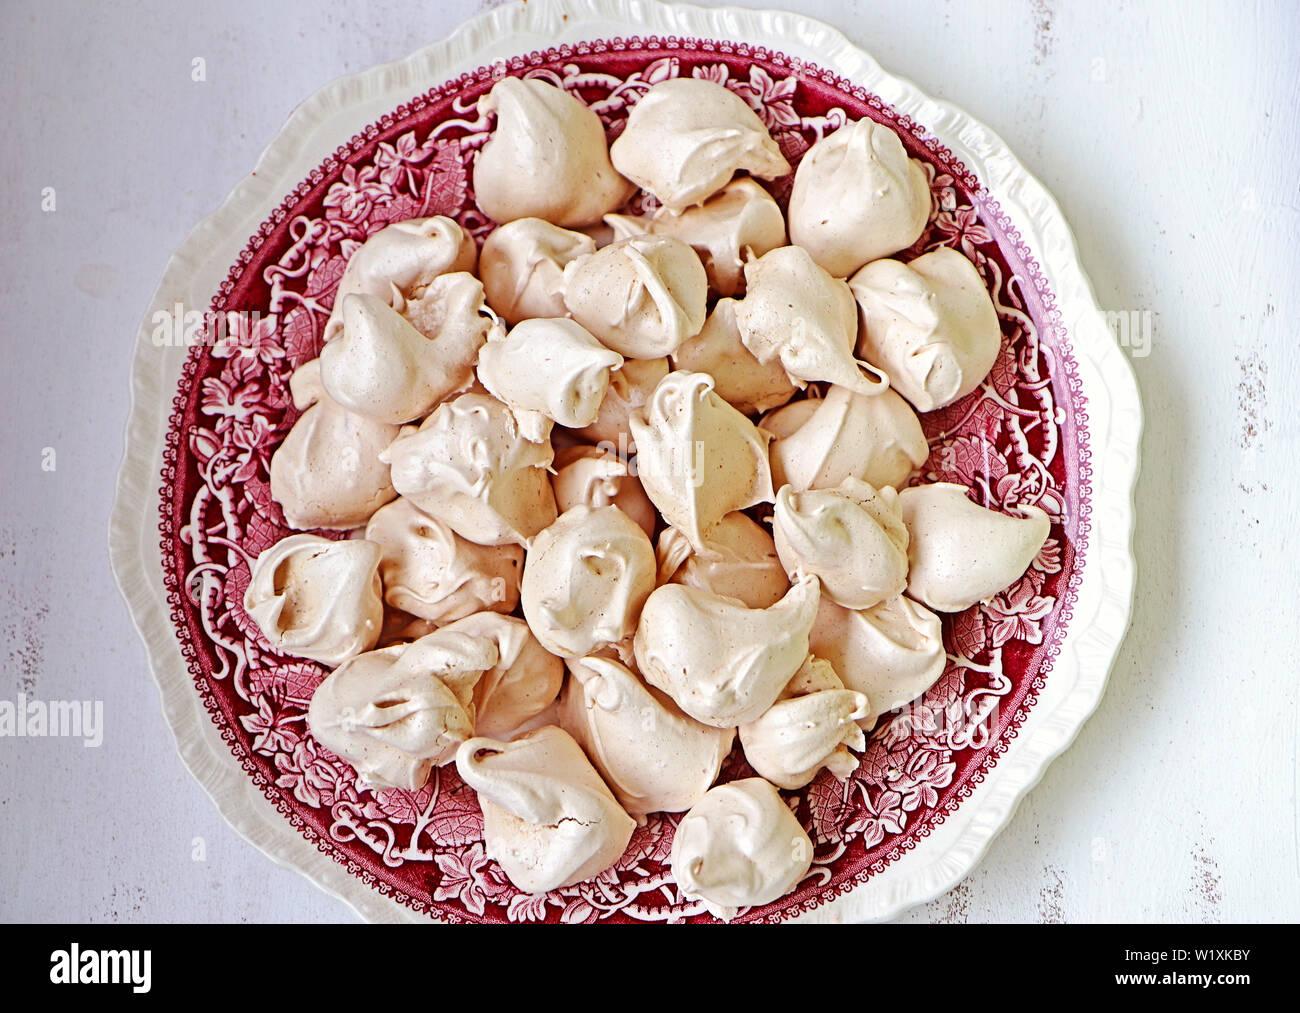 Hausgemachte Baisers, Zimt und Vanille würzte auf einem vintage Keramik Teller, Dessert, Ansicht von oben Stockfoto